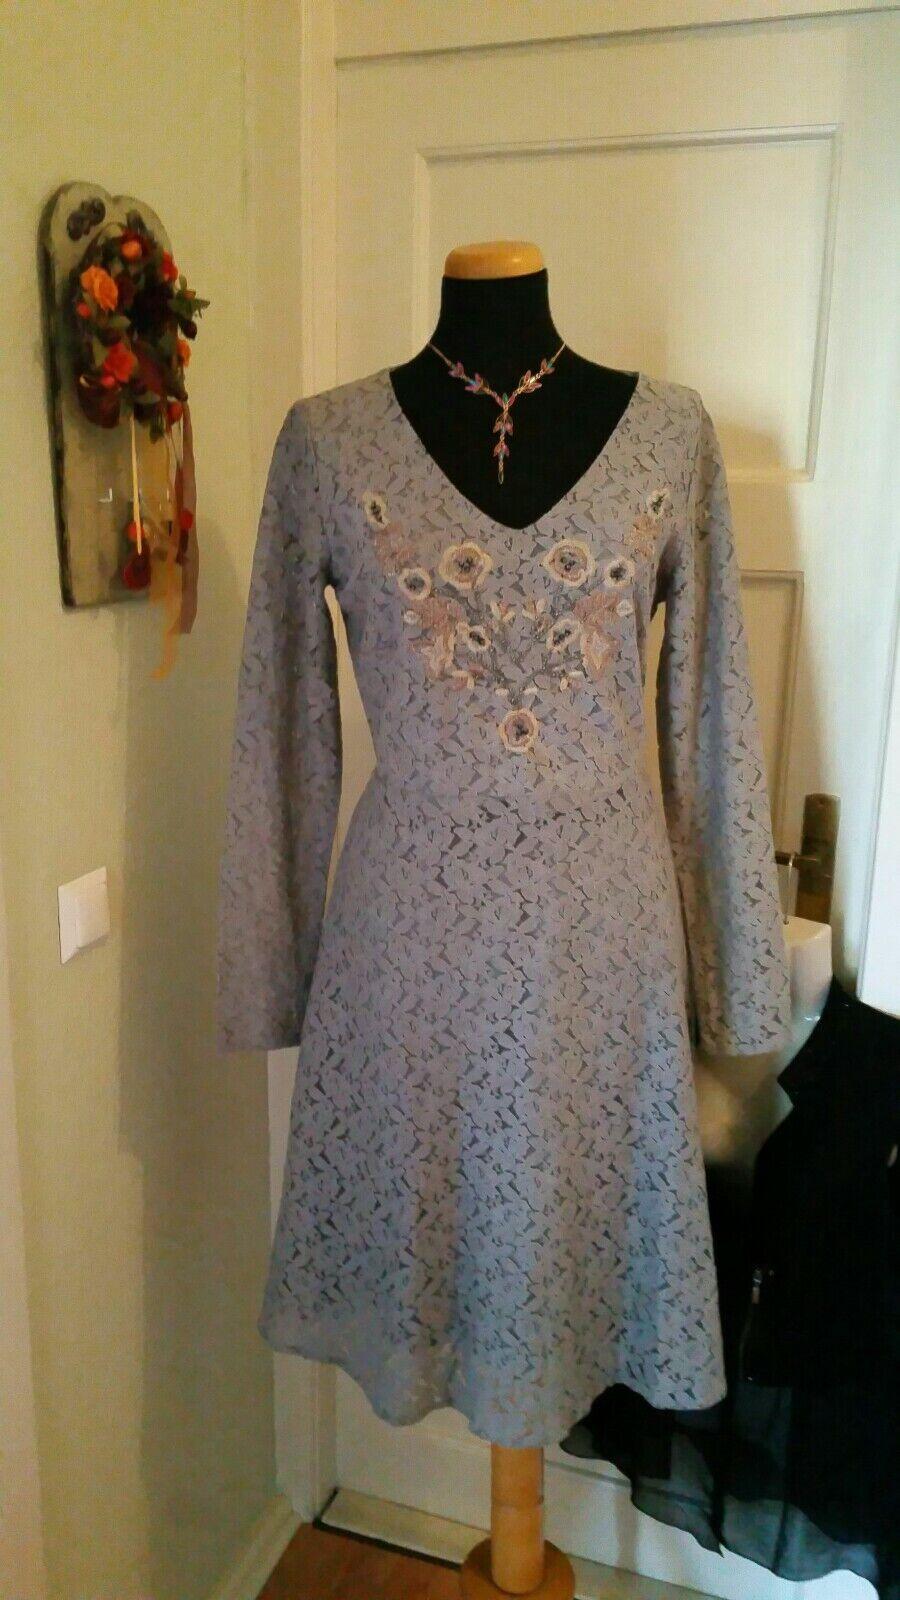 89c3ebe5456bed 38 grau mit Spitze mit perlenstickerei Kleid nplegr960-neue Kleidung